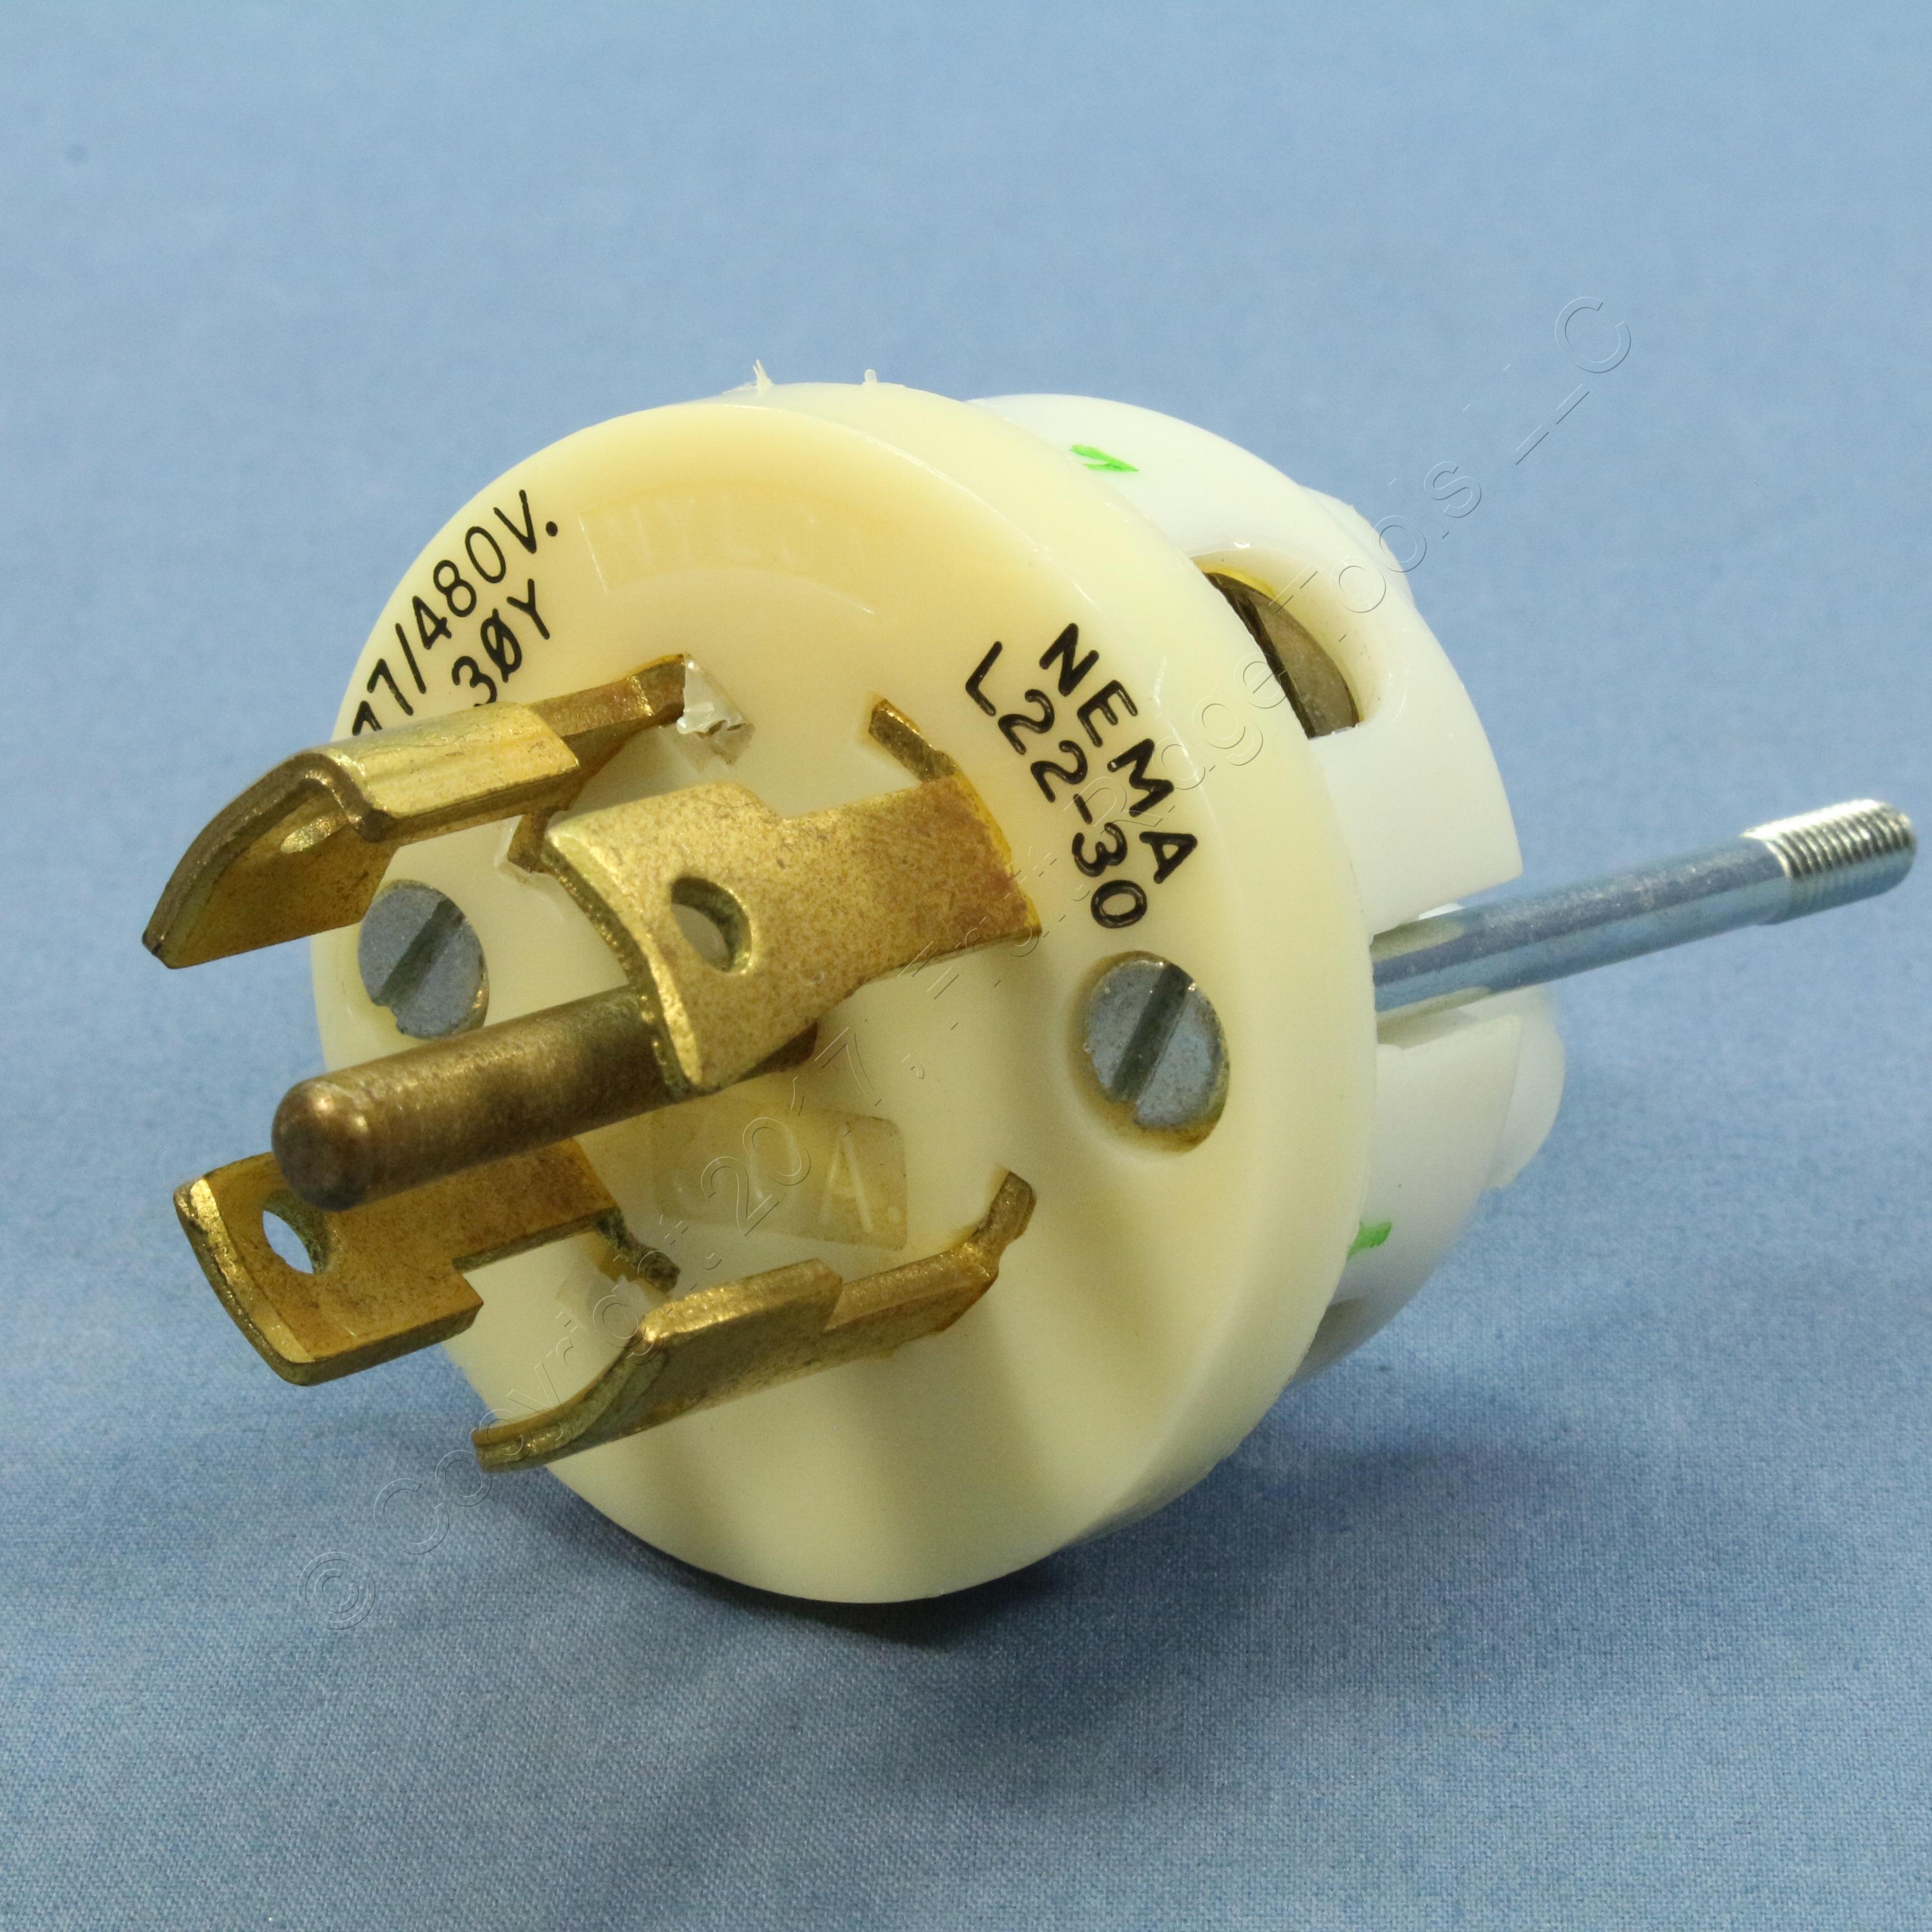 Bryant Turn Twist Locking Industrial Plug NEMA L22-30P 30A 277//480V 3ØY 72230NP